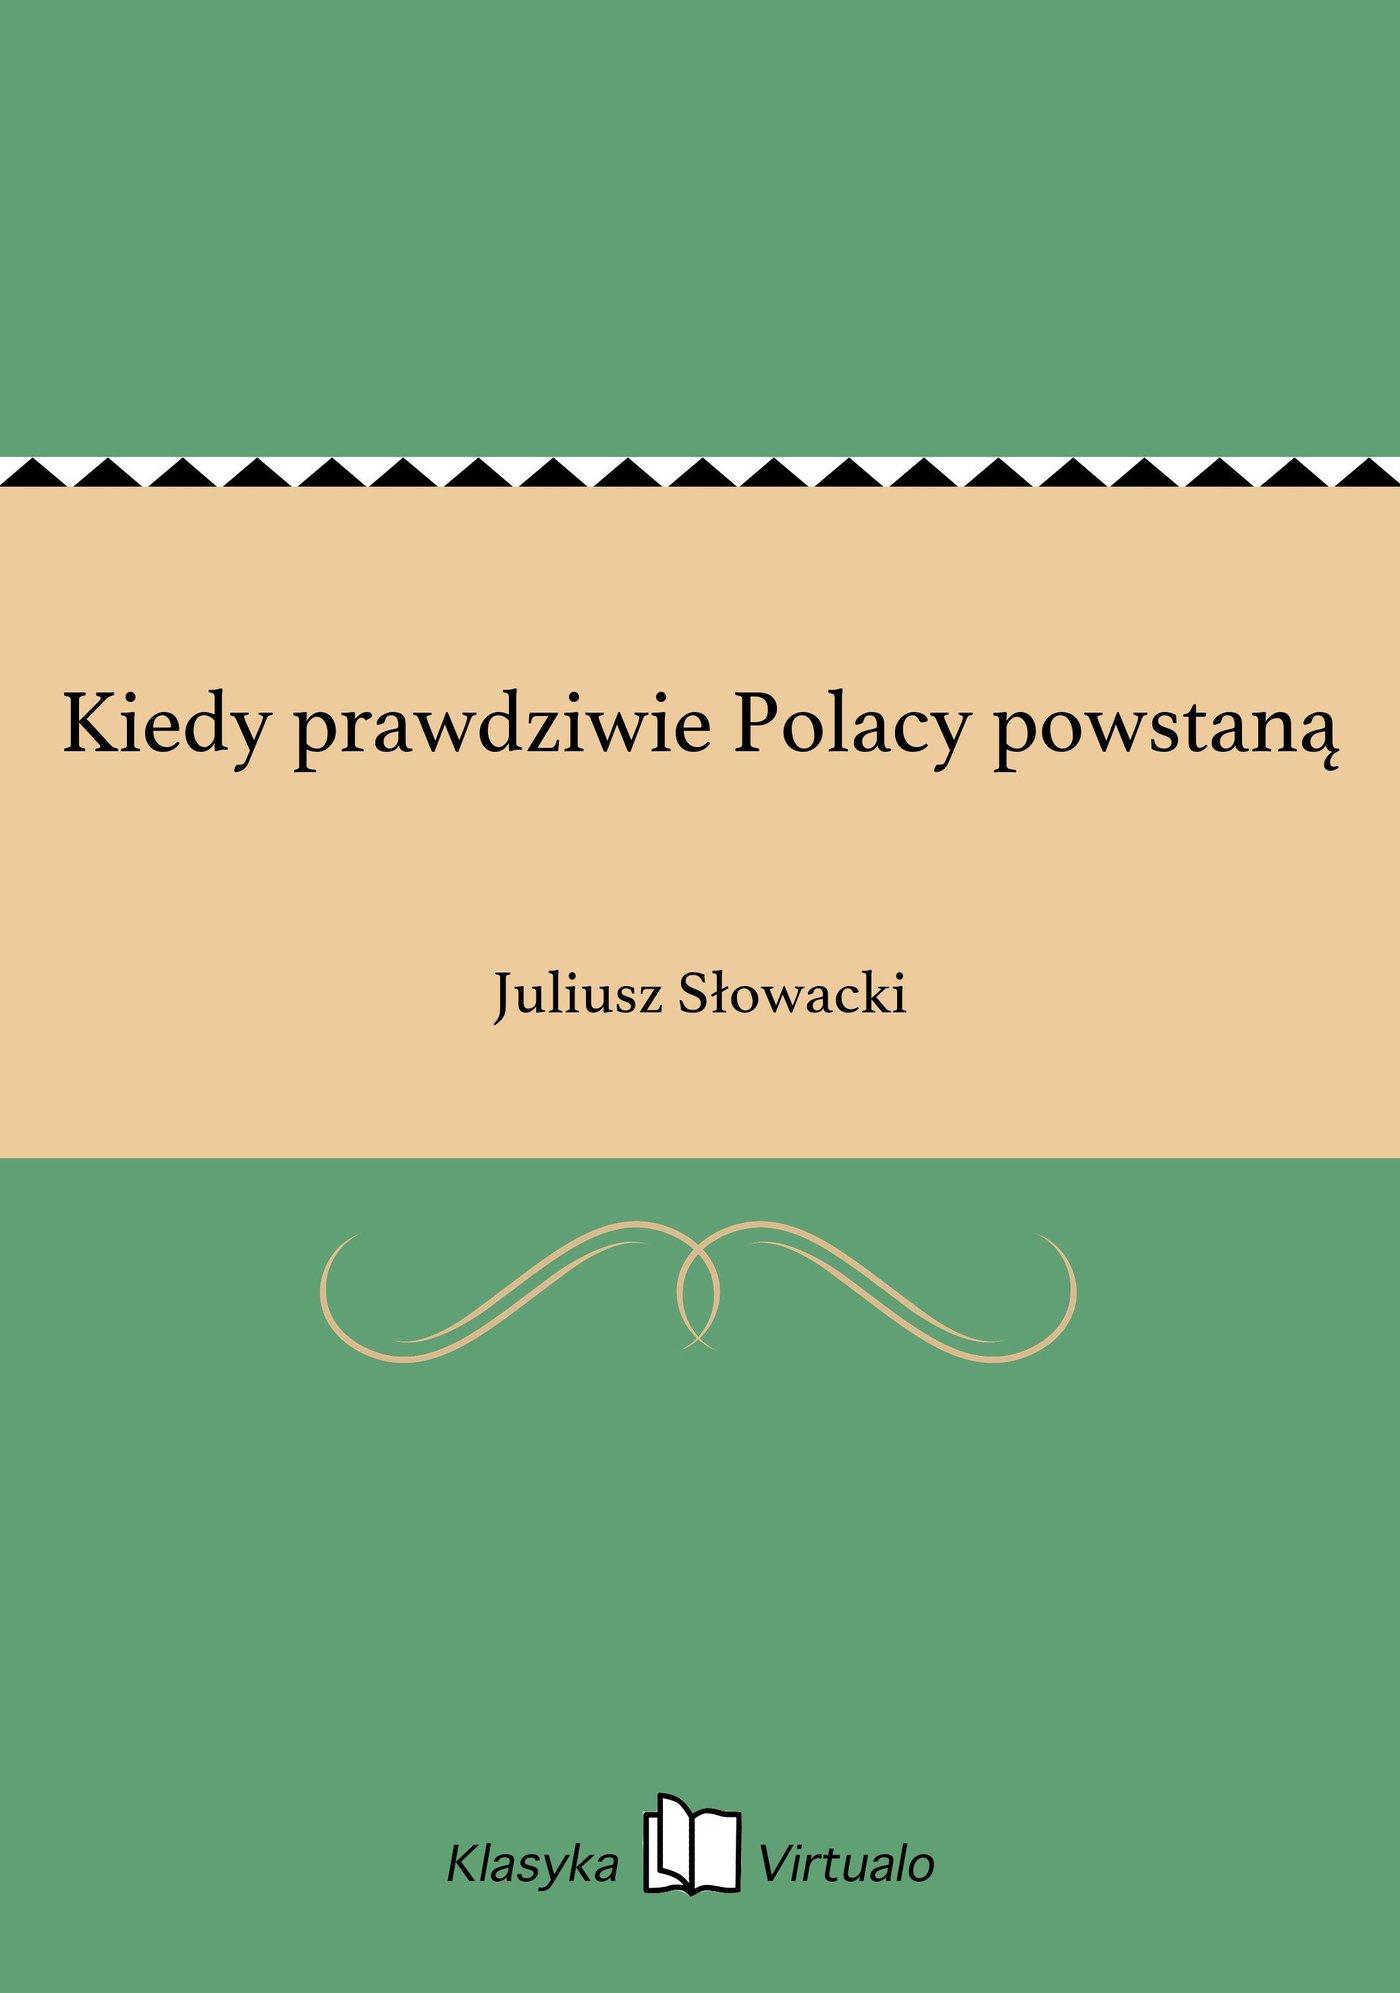 Kiedy prawdziwie Polacy powstaną - Ebook (Książka EPUB) do pobrania w formacie EPUB